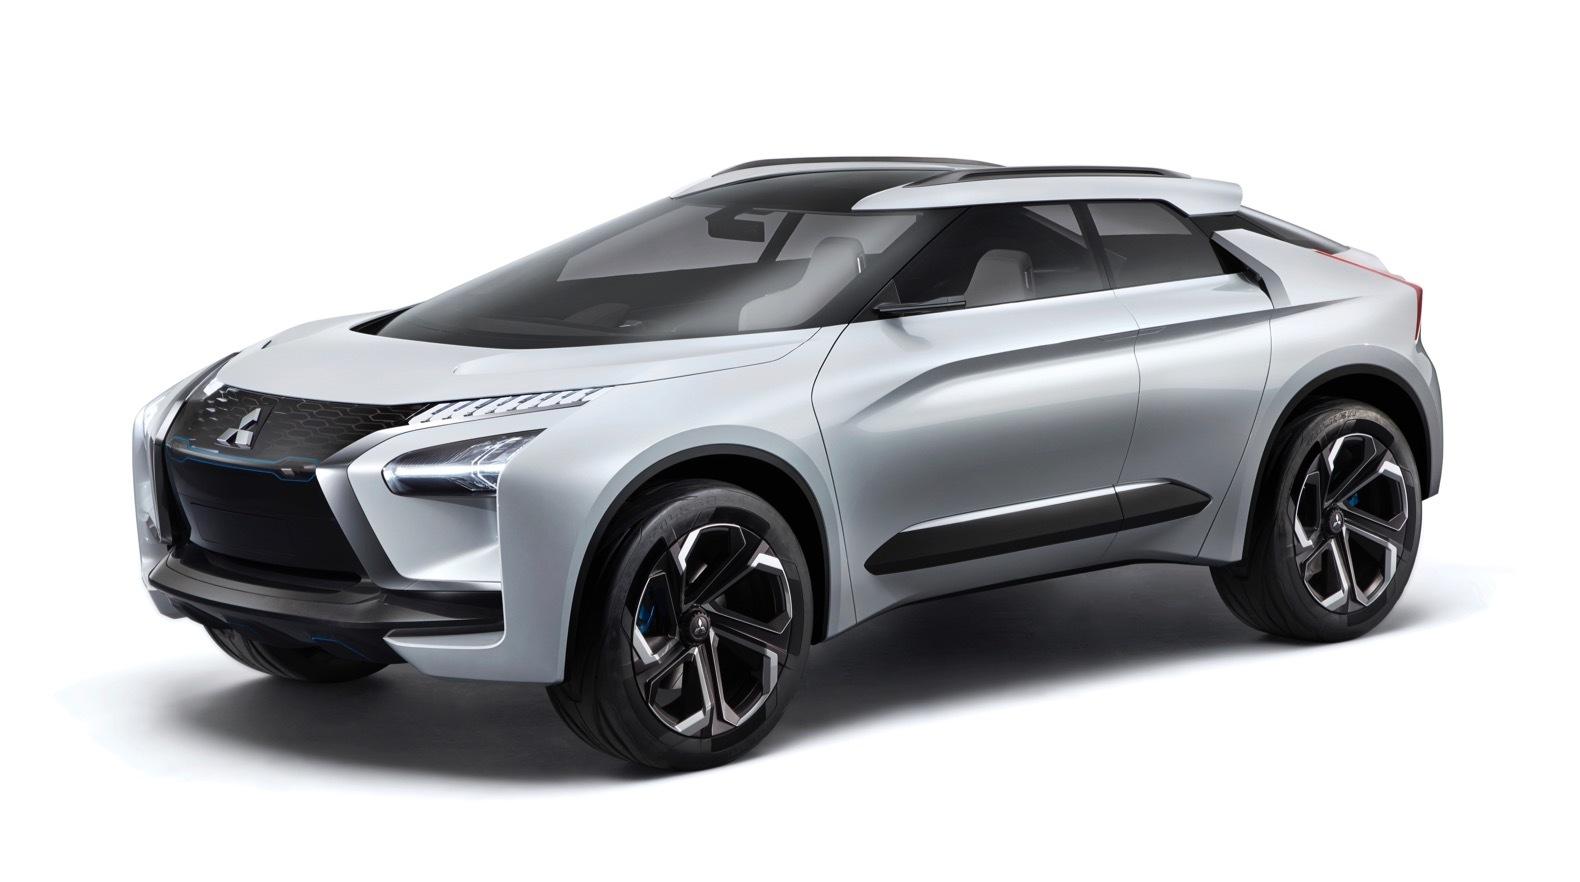 Mitsubishi-e-Evolution-Concept-00010.jpg